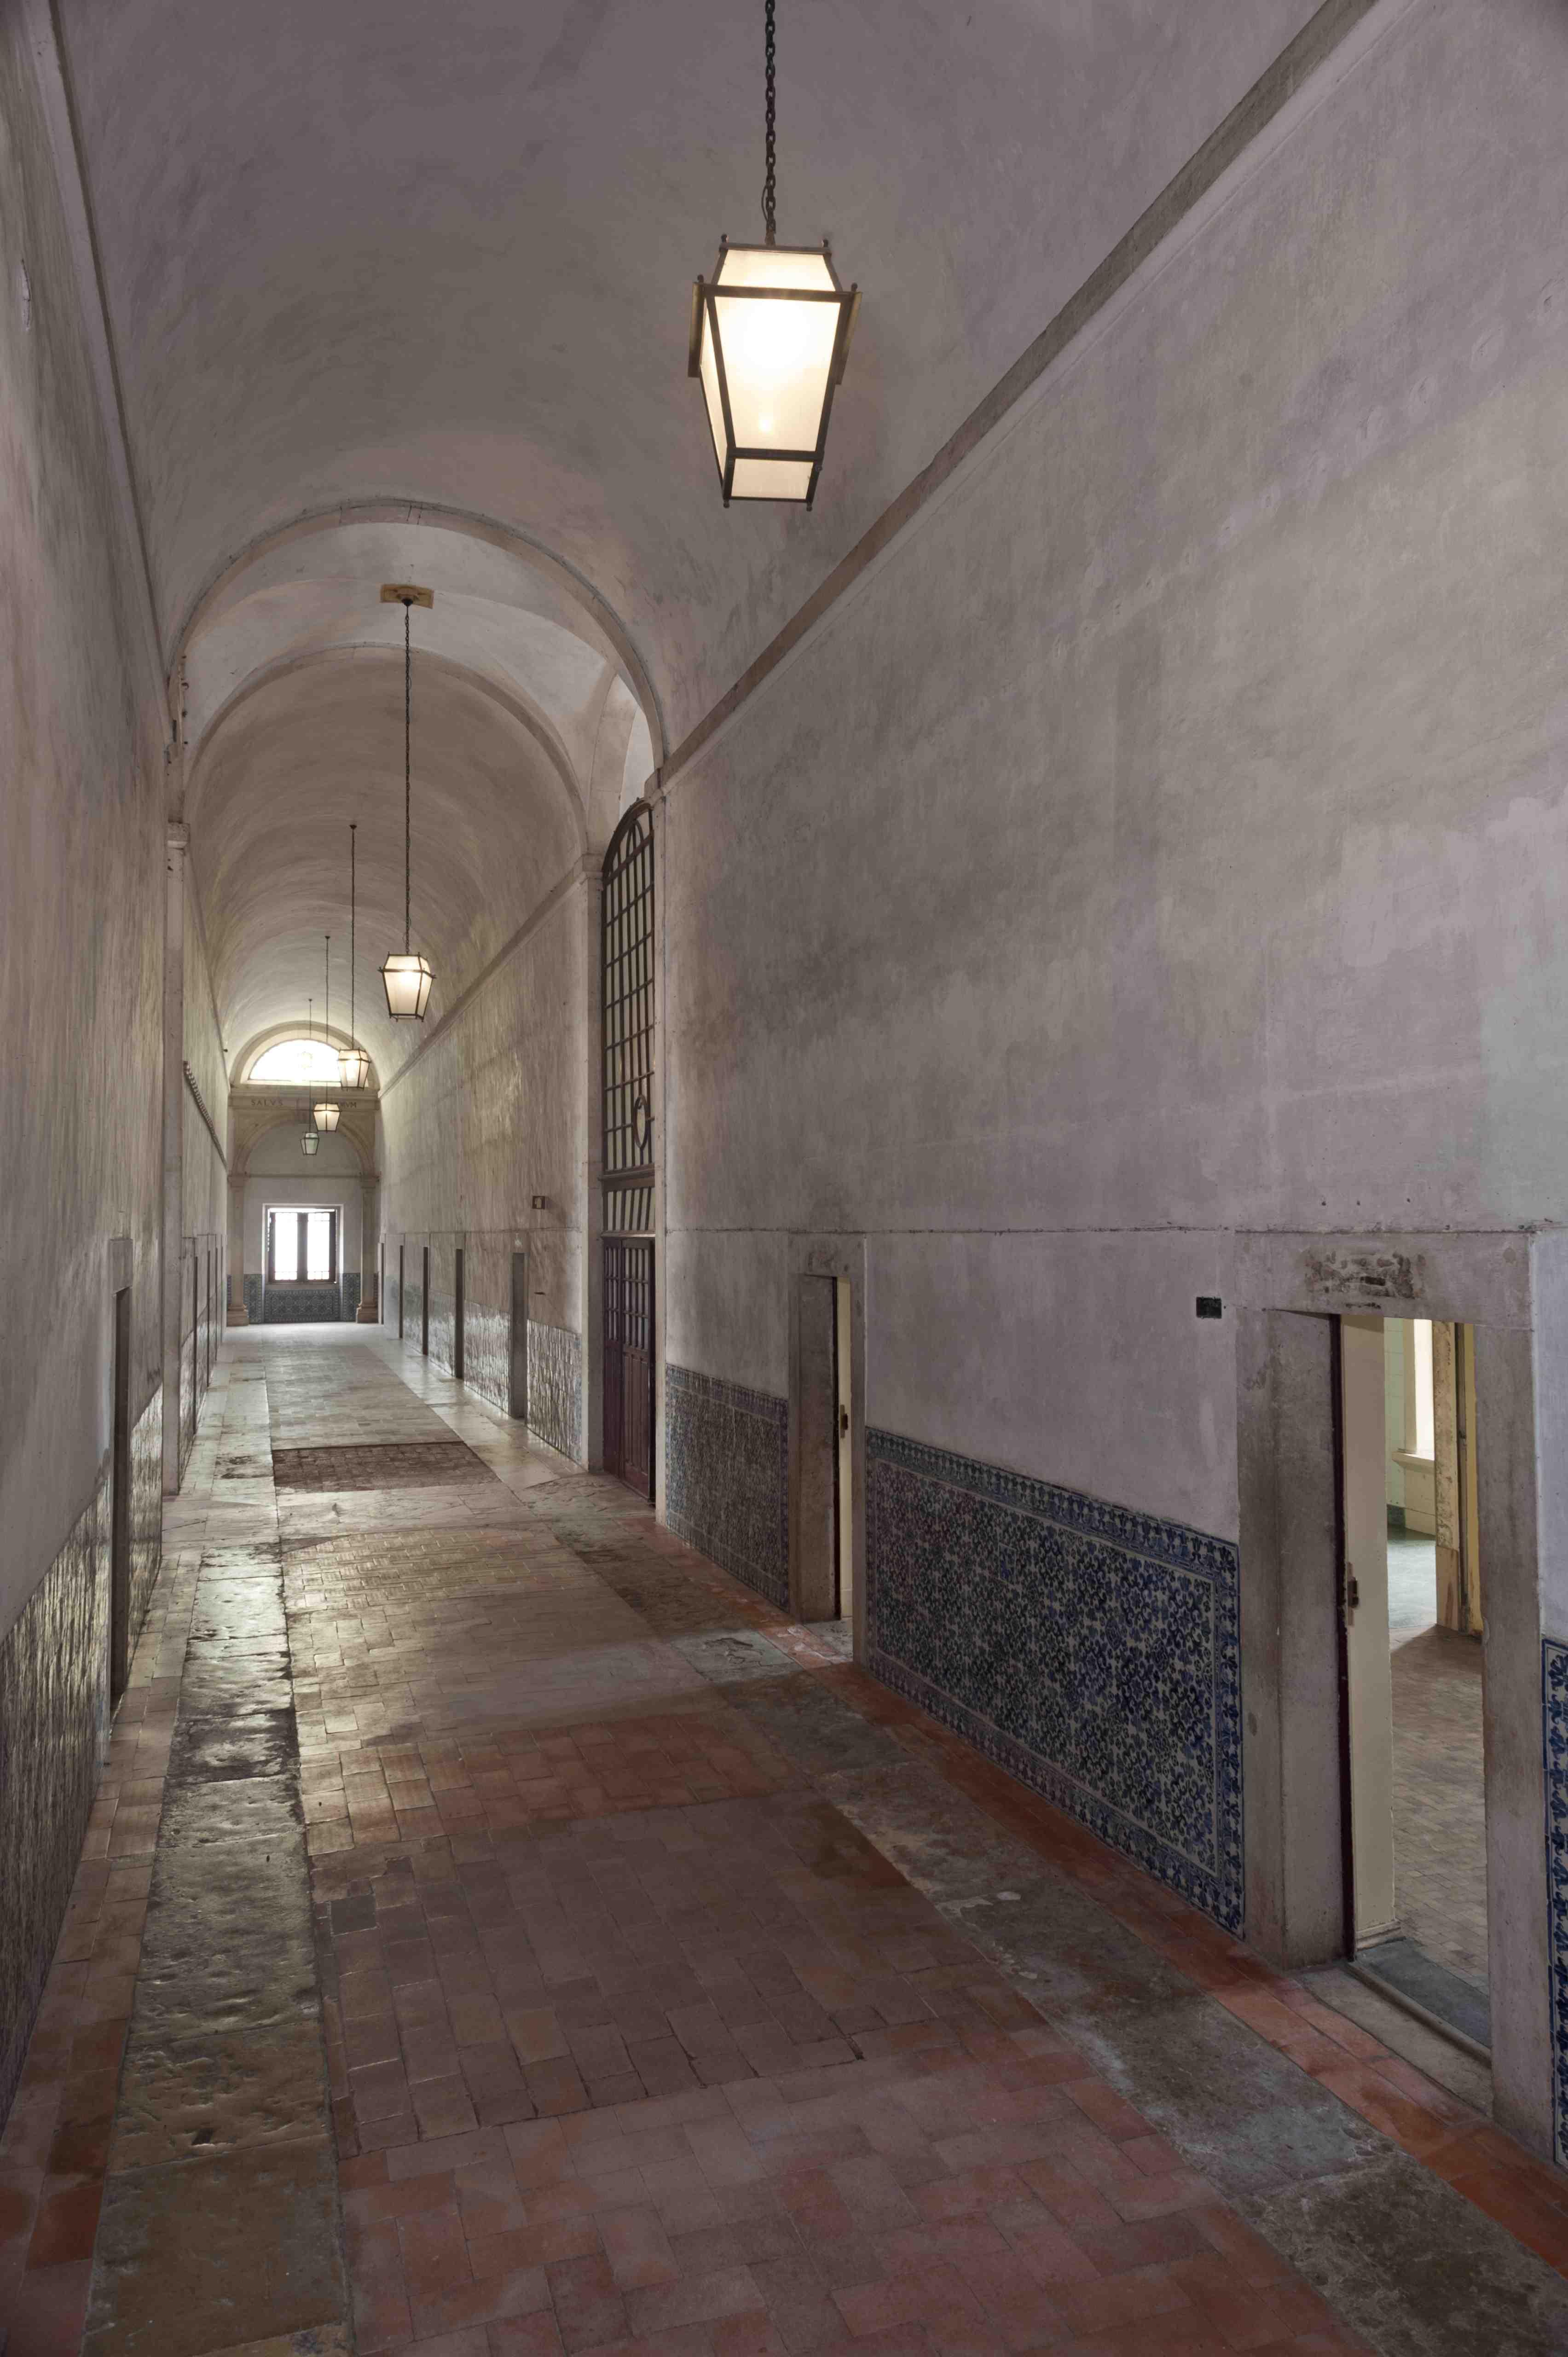 Vista geral do corredor da Enfermaria do Convento de Cristo